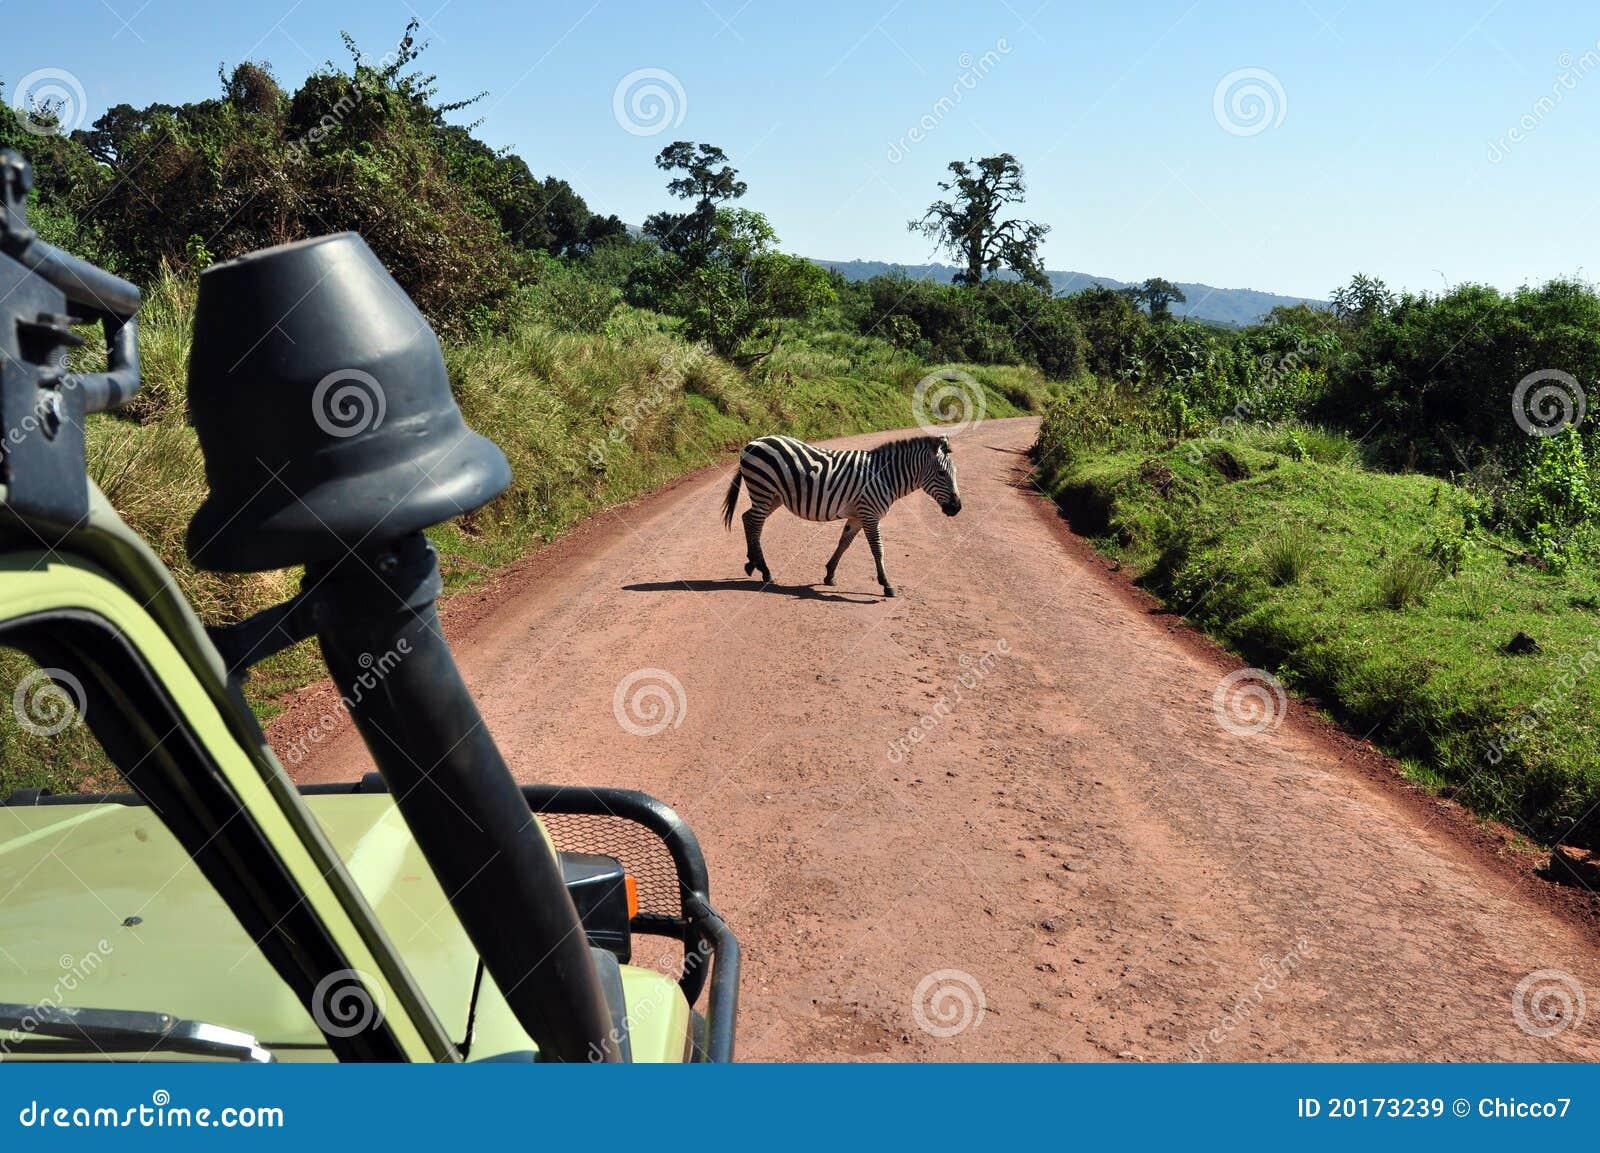 Crossing zebra from a safari jeep